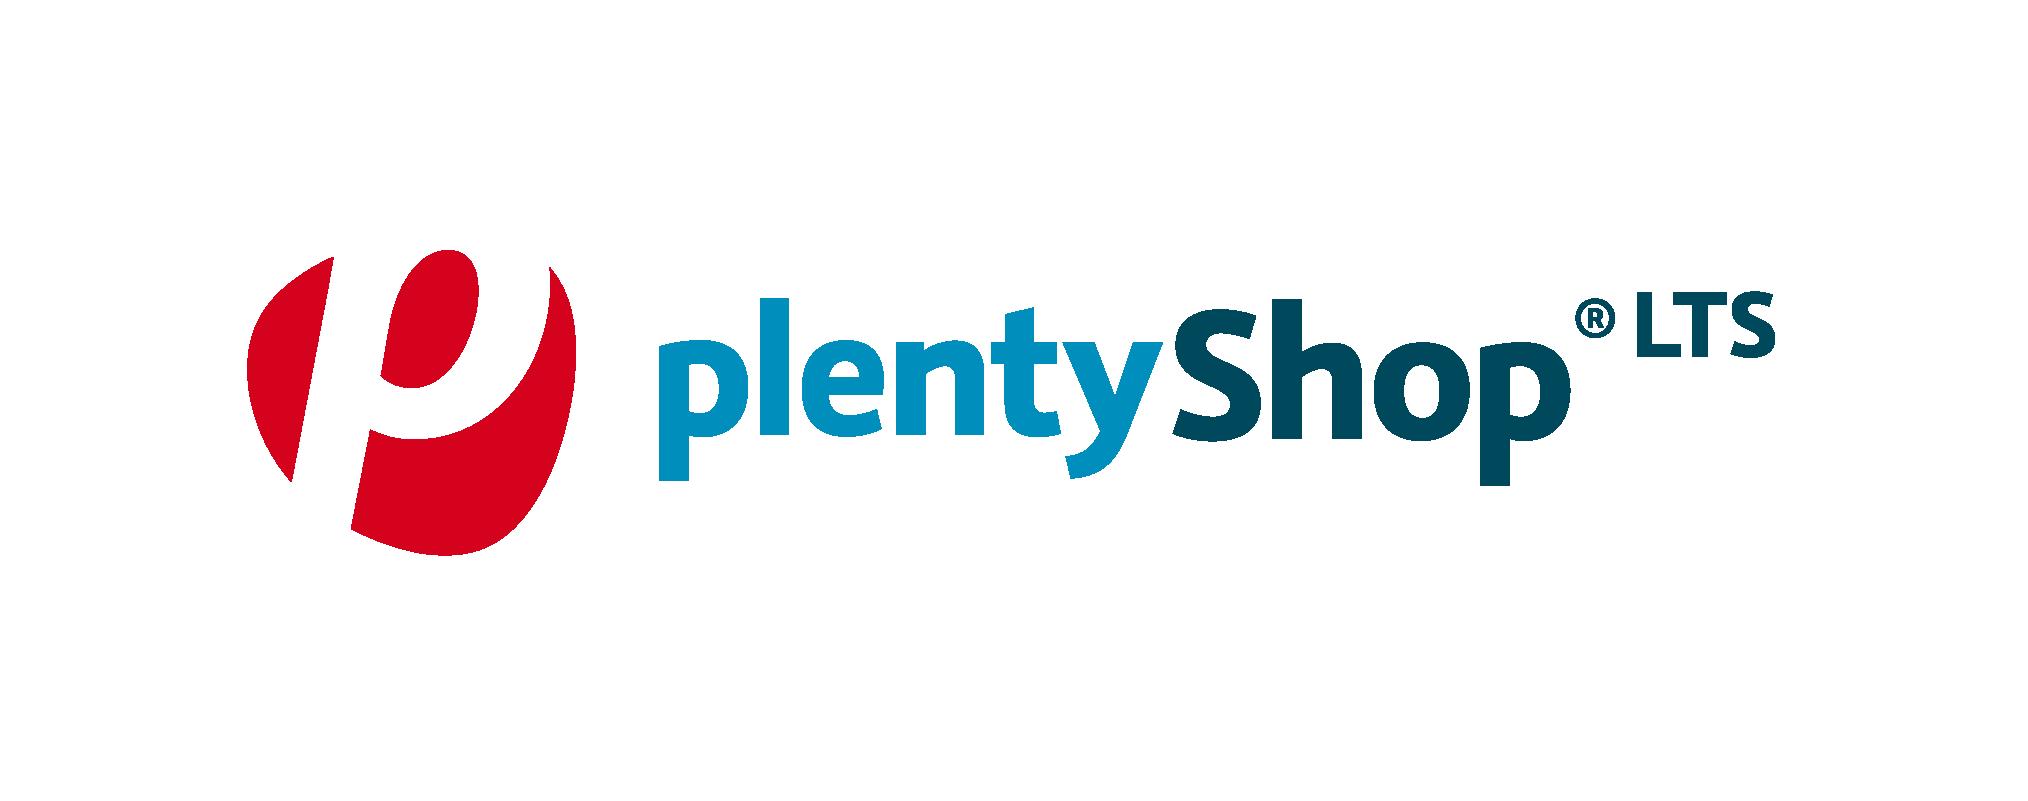 plentyShop LTS